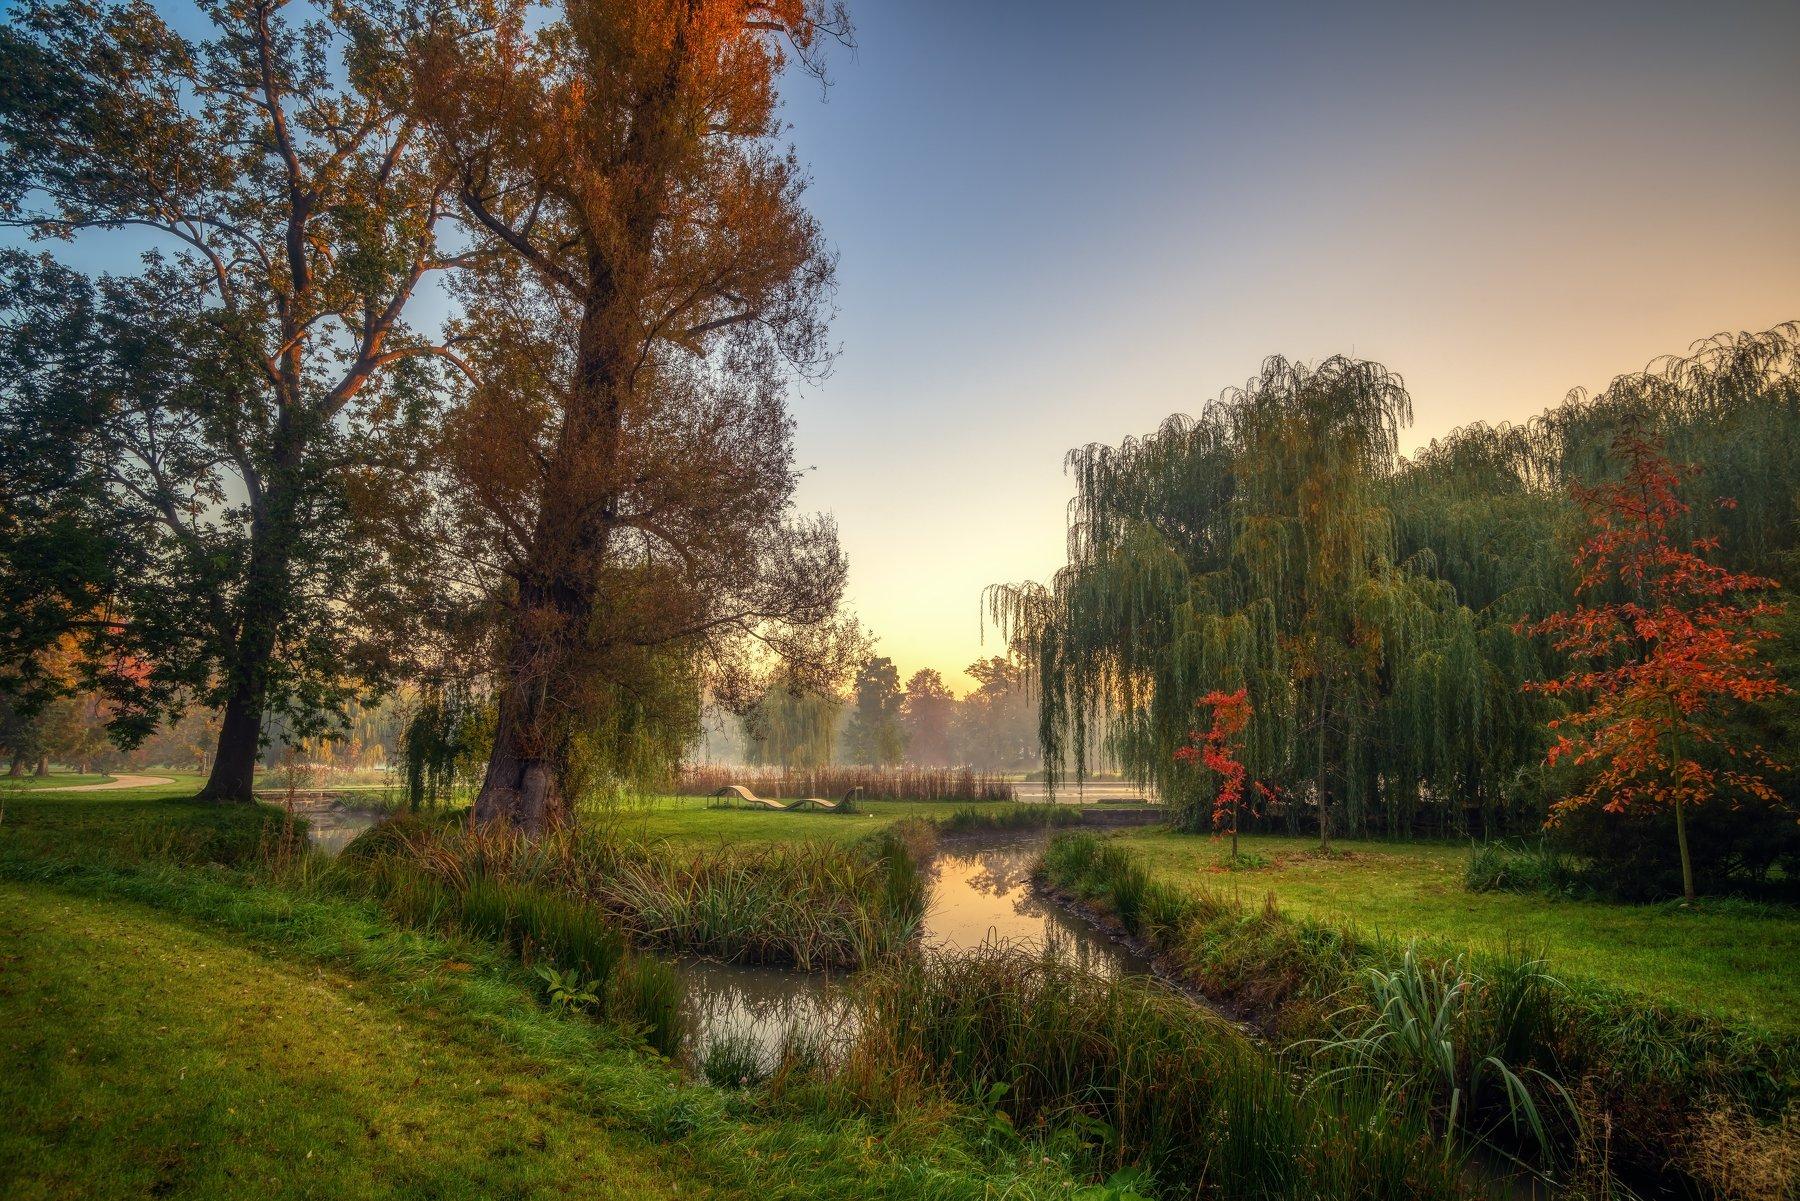 природа пейзаж вода туман утро рассвет осень небо солнце деревья отражения озеро парк, Ожерельев Андрей